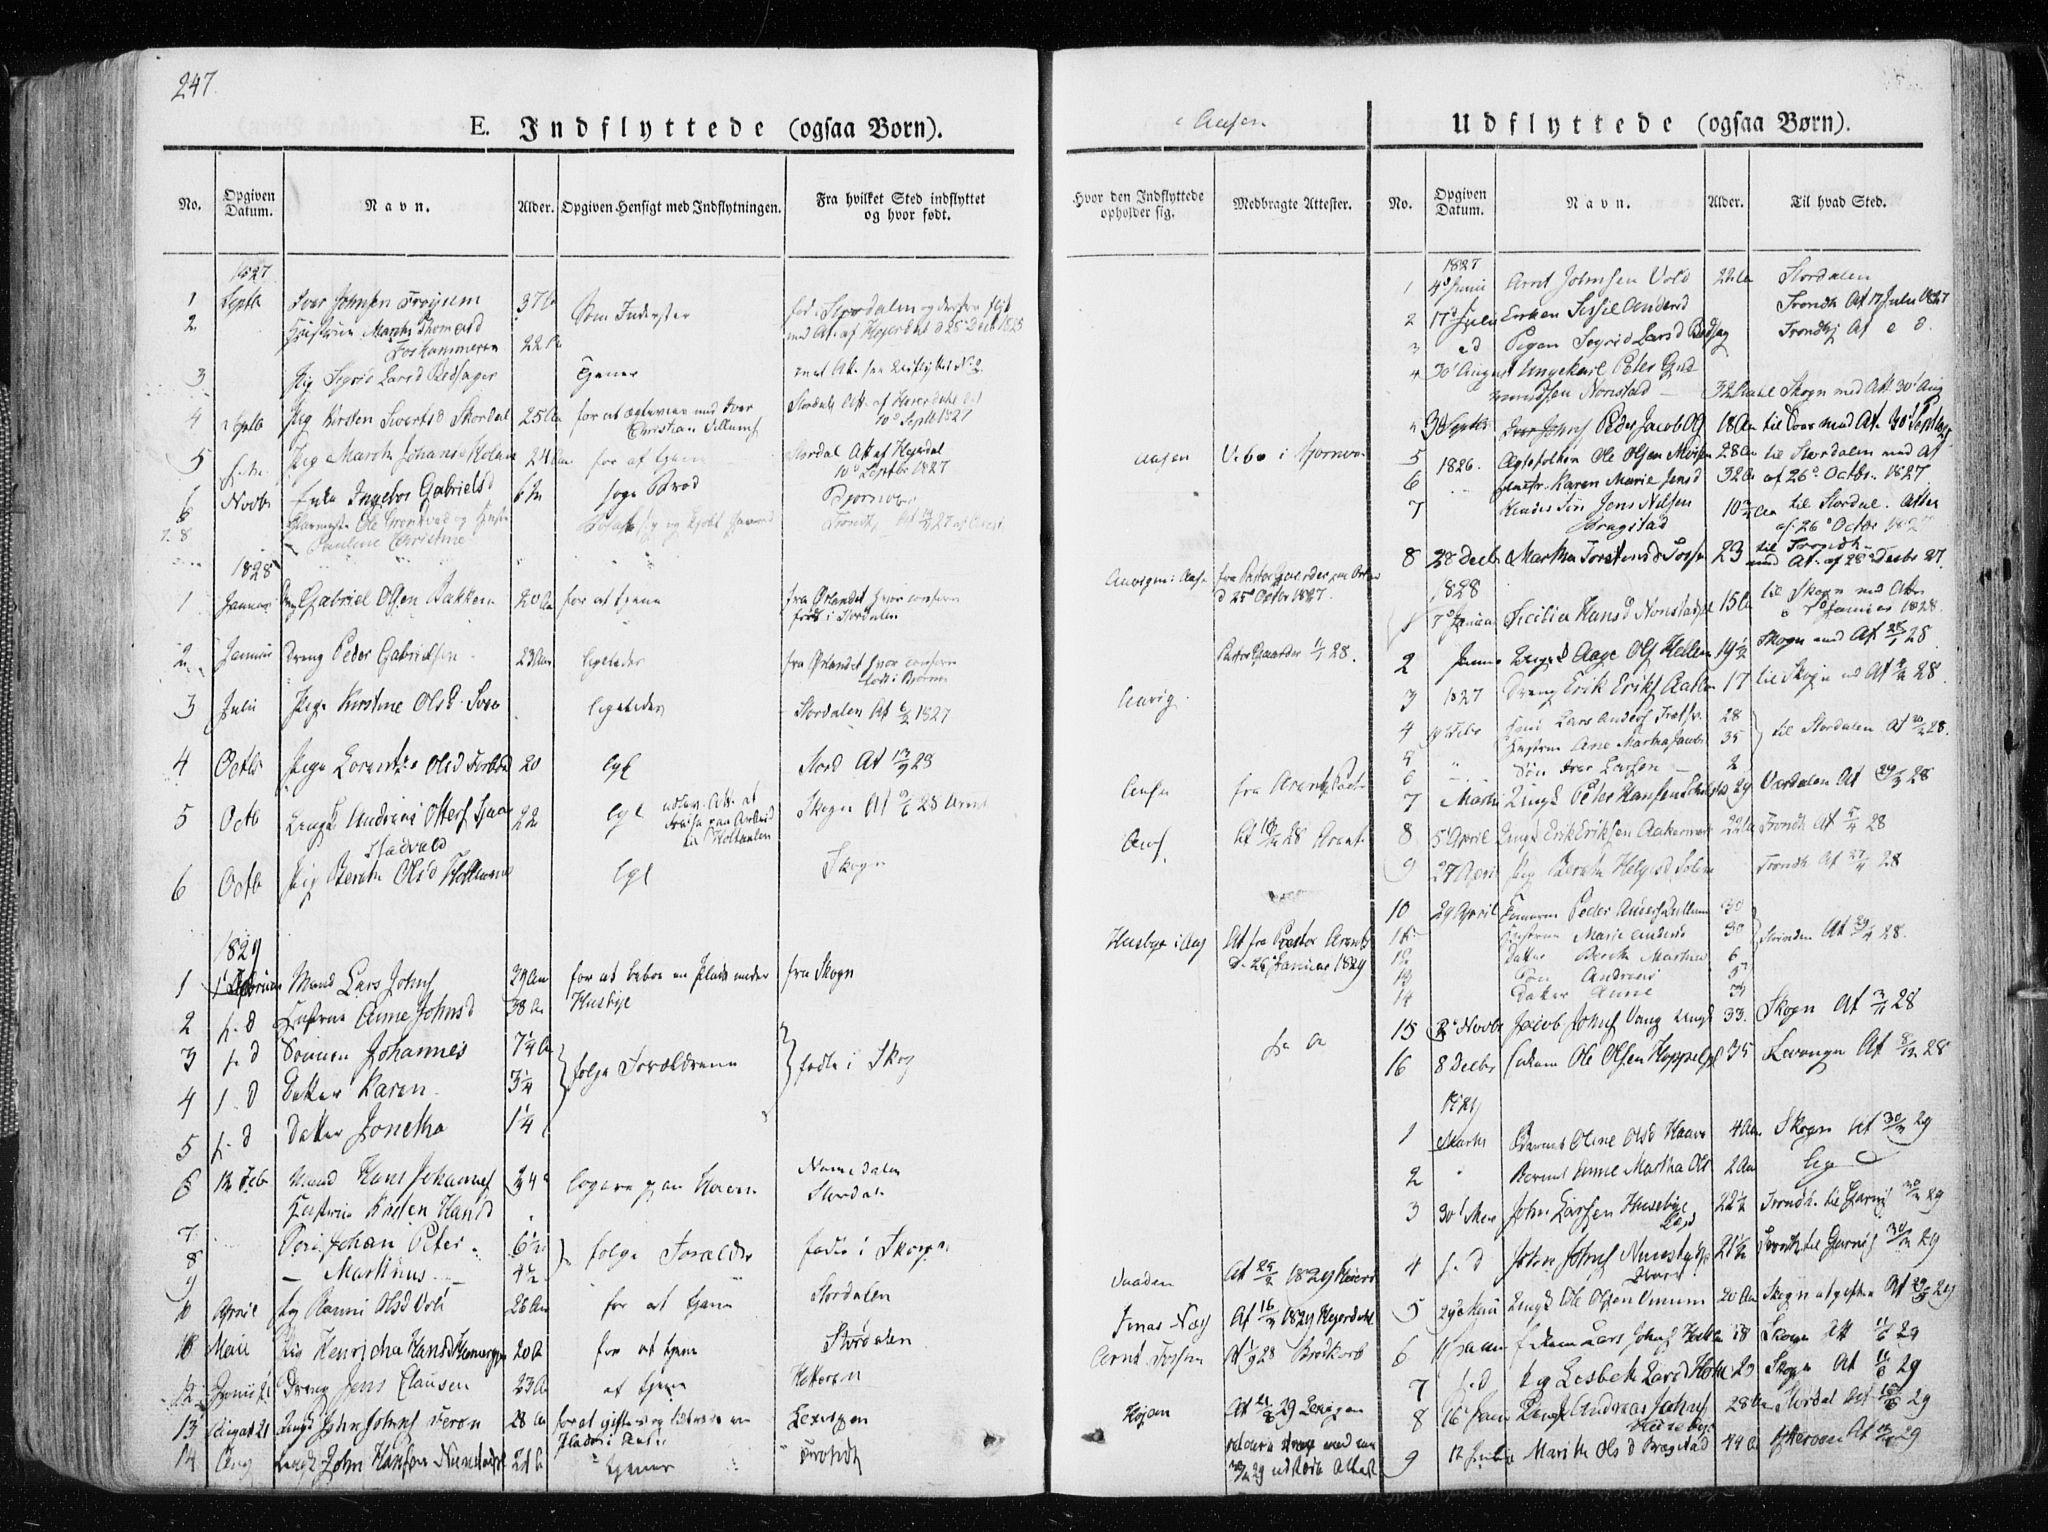 SAT, Ministerialprotokoller, klokkerbøker og fødselsregistre - Nord-Trøndelag, 713/L0114: Ministerialbok nr. 713A05, 1827-1839, s. 247